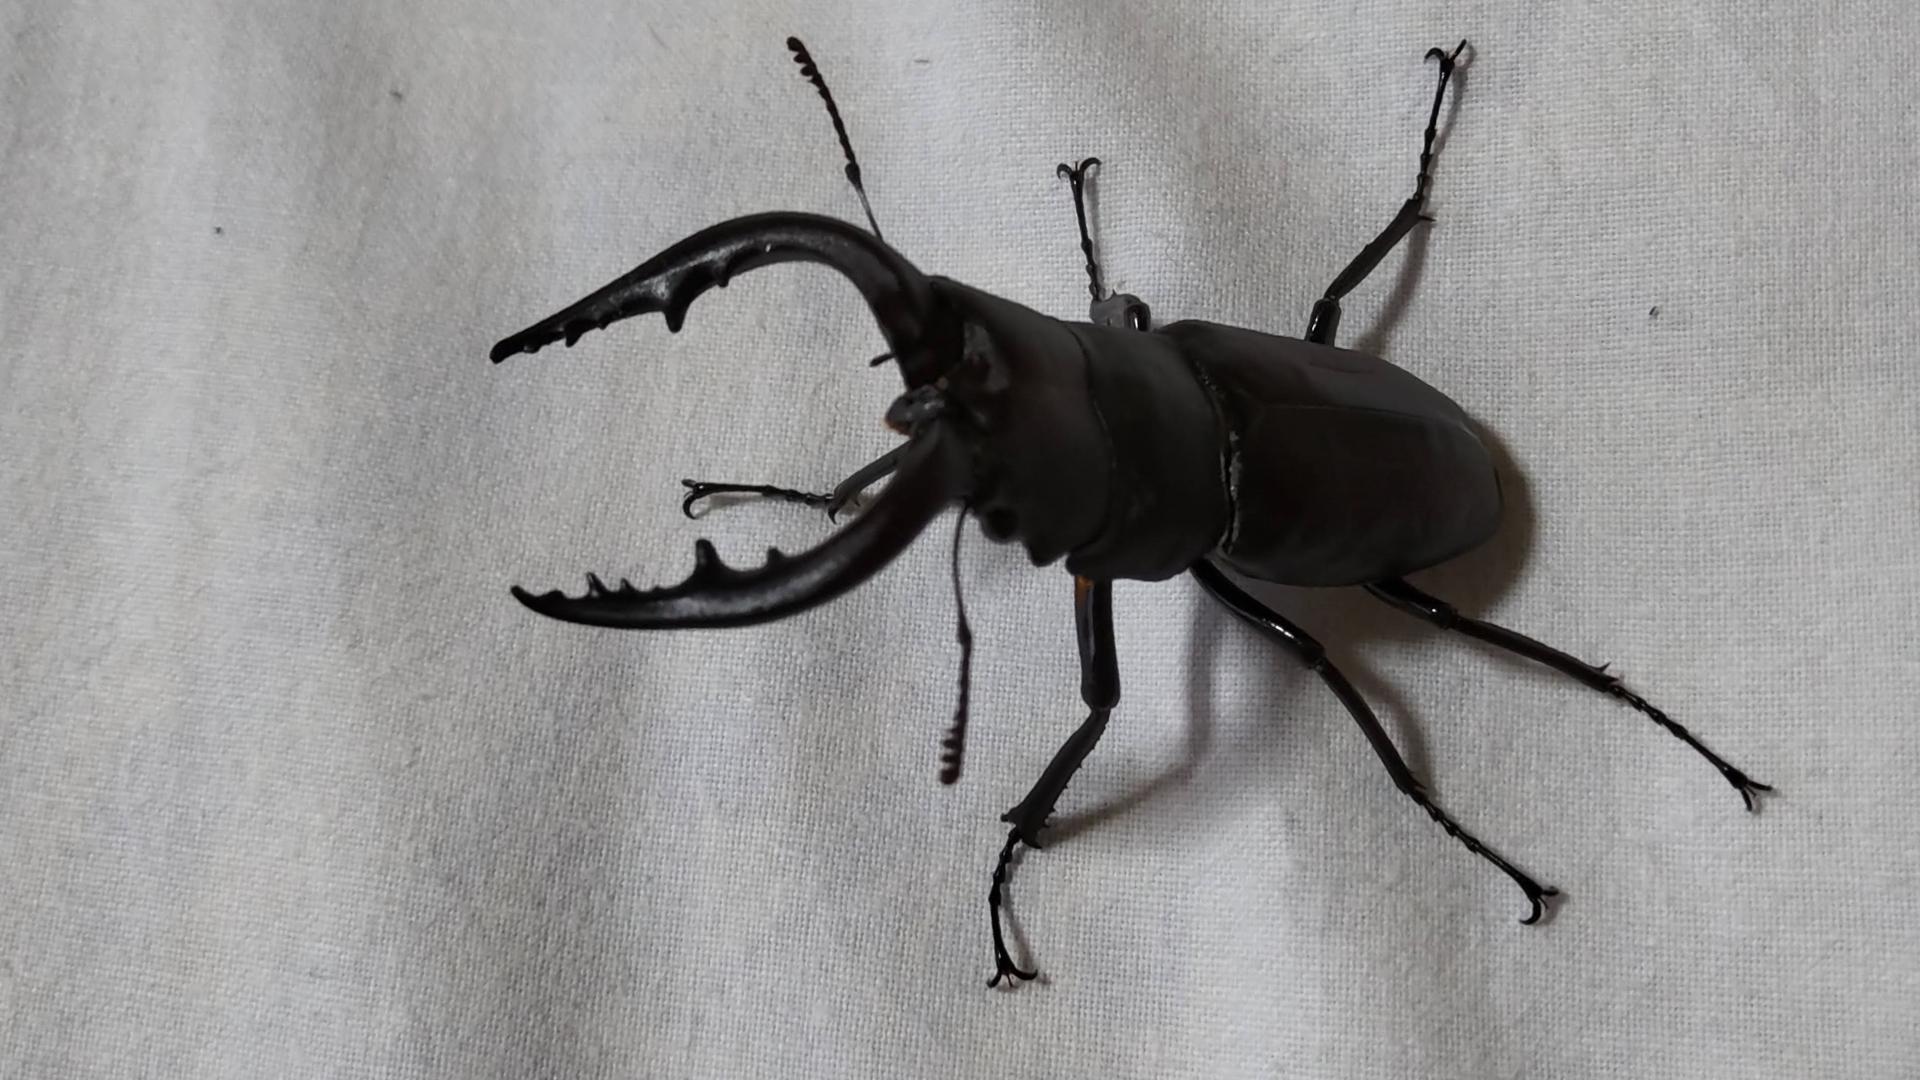 ノコギリクワガター昆虫採集ができる宿(岩寿荘)でクワガタをとった(東海)